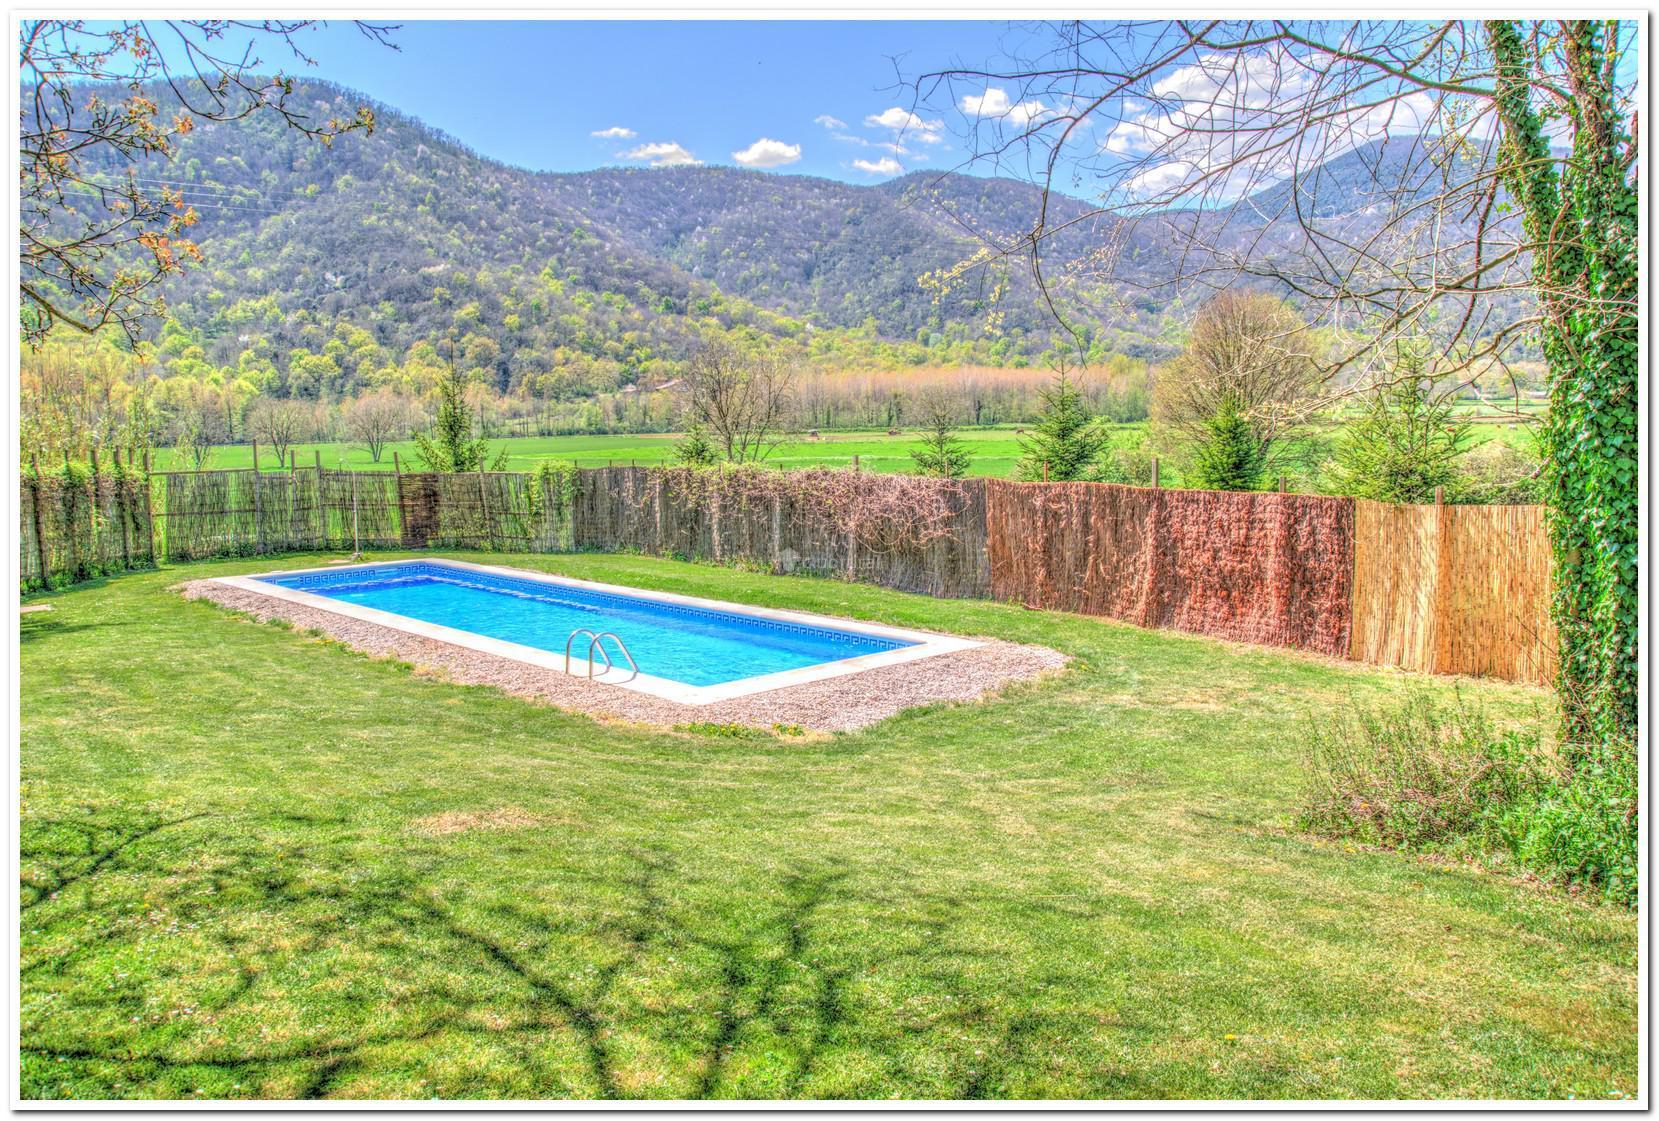 Fotos de masia la coromina girona la vall de bianya for Piscina jardin girona